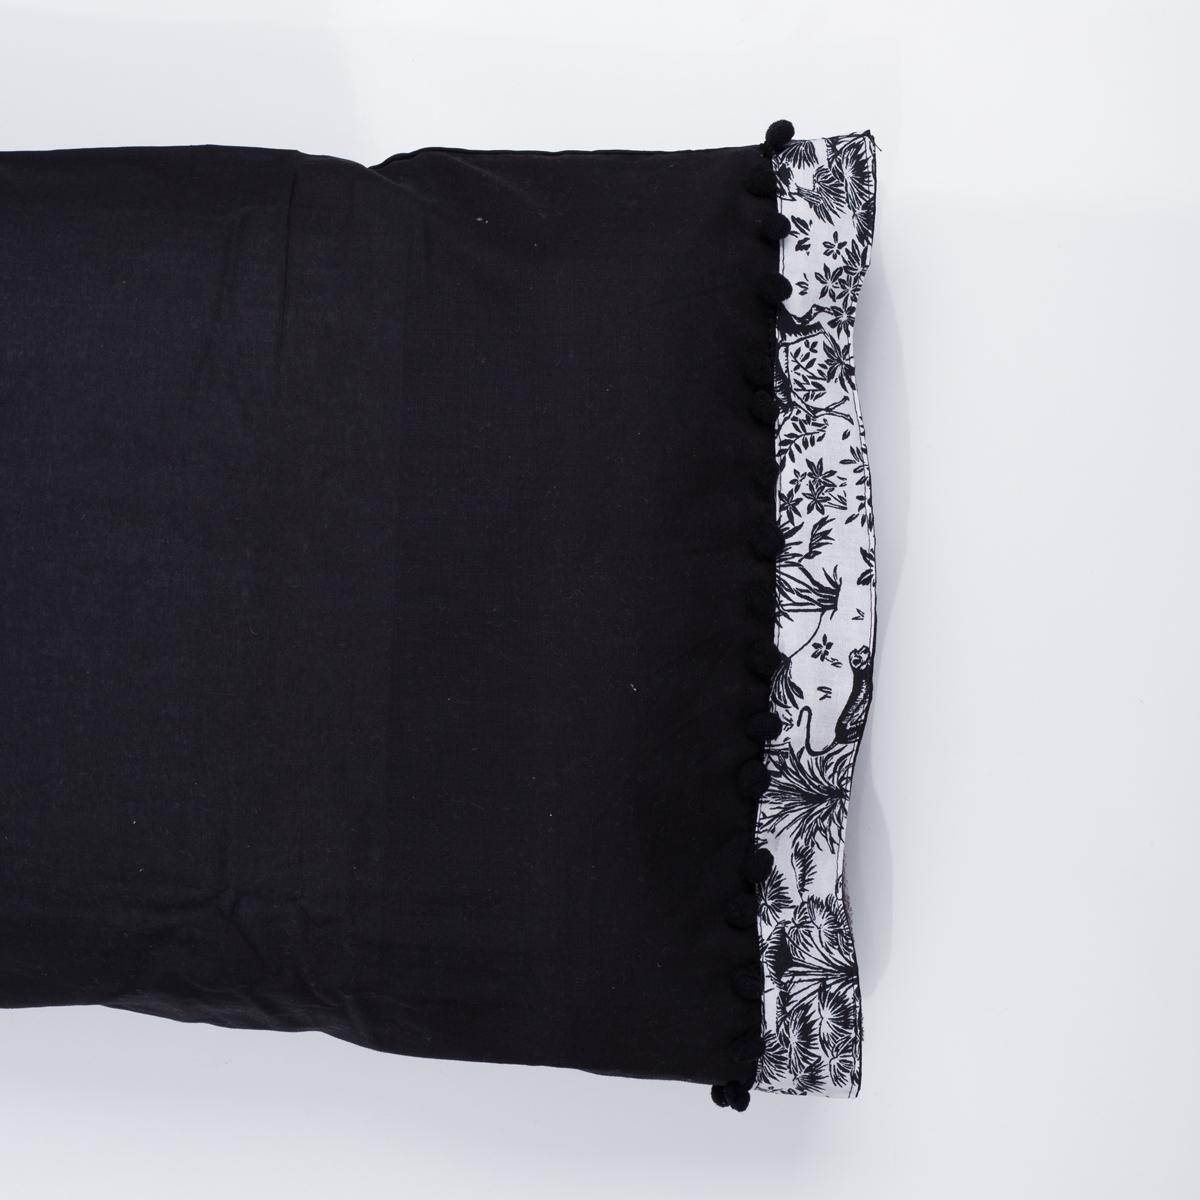 Ζεύγος Μαξιλαροθήκες White Fabric Syrna Black